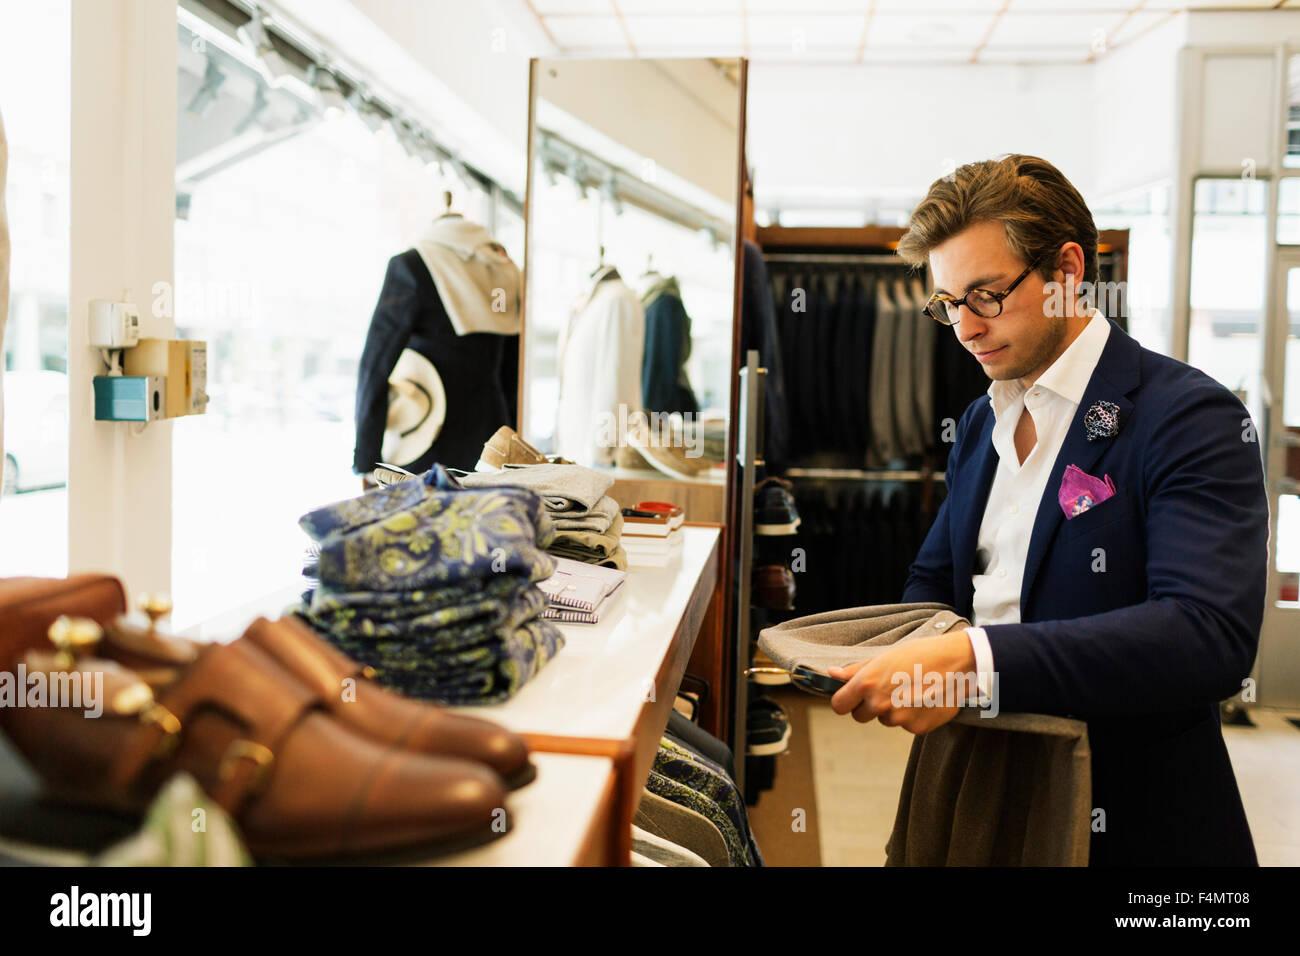 Addetto alle vendite guardando t-shirt in negozio di abbigliamento Immagini  Stock 5ab21e4ee82